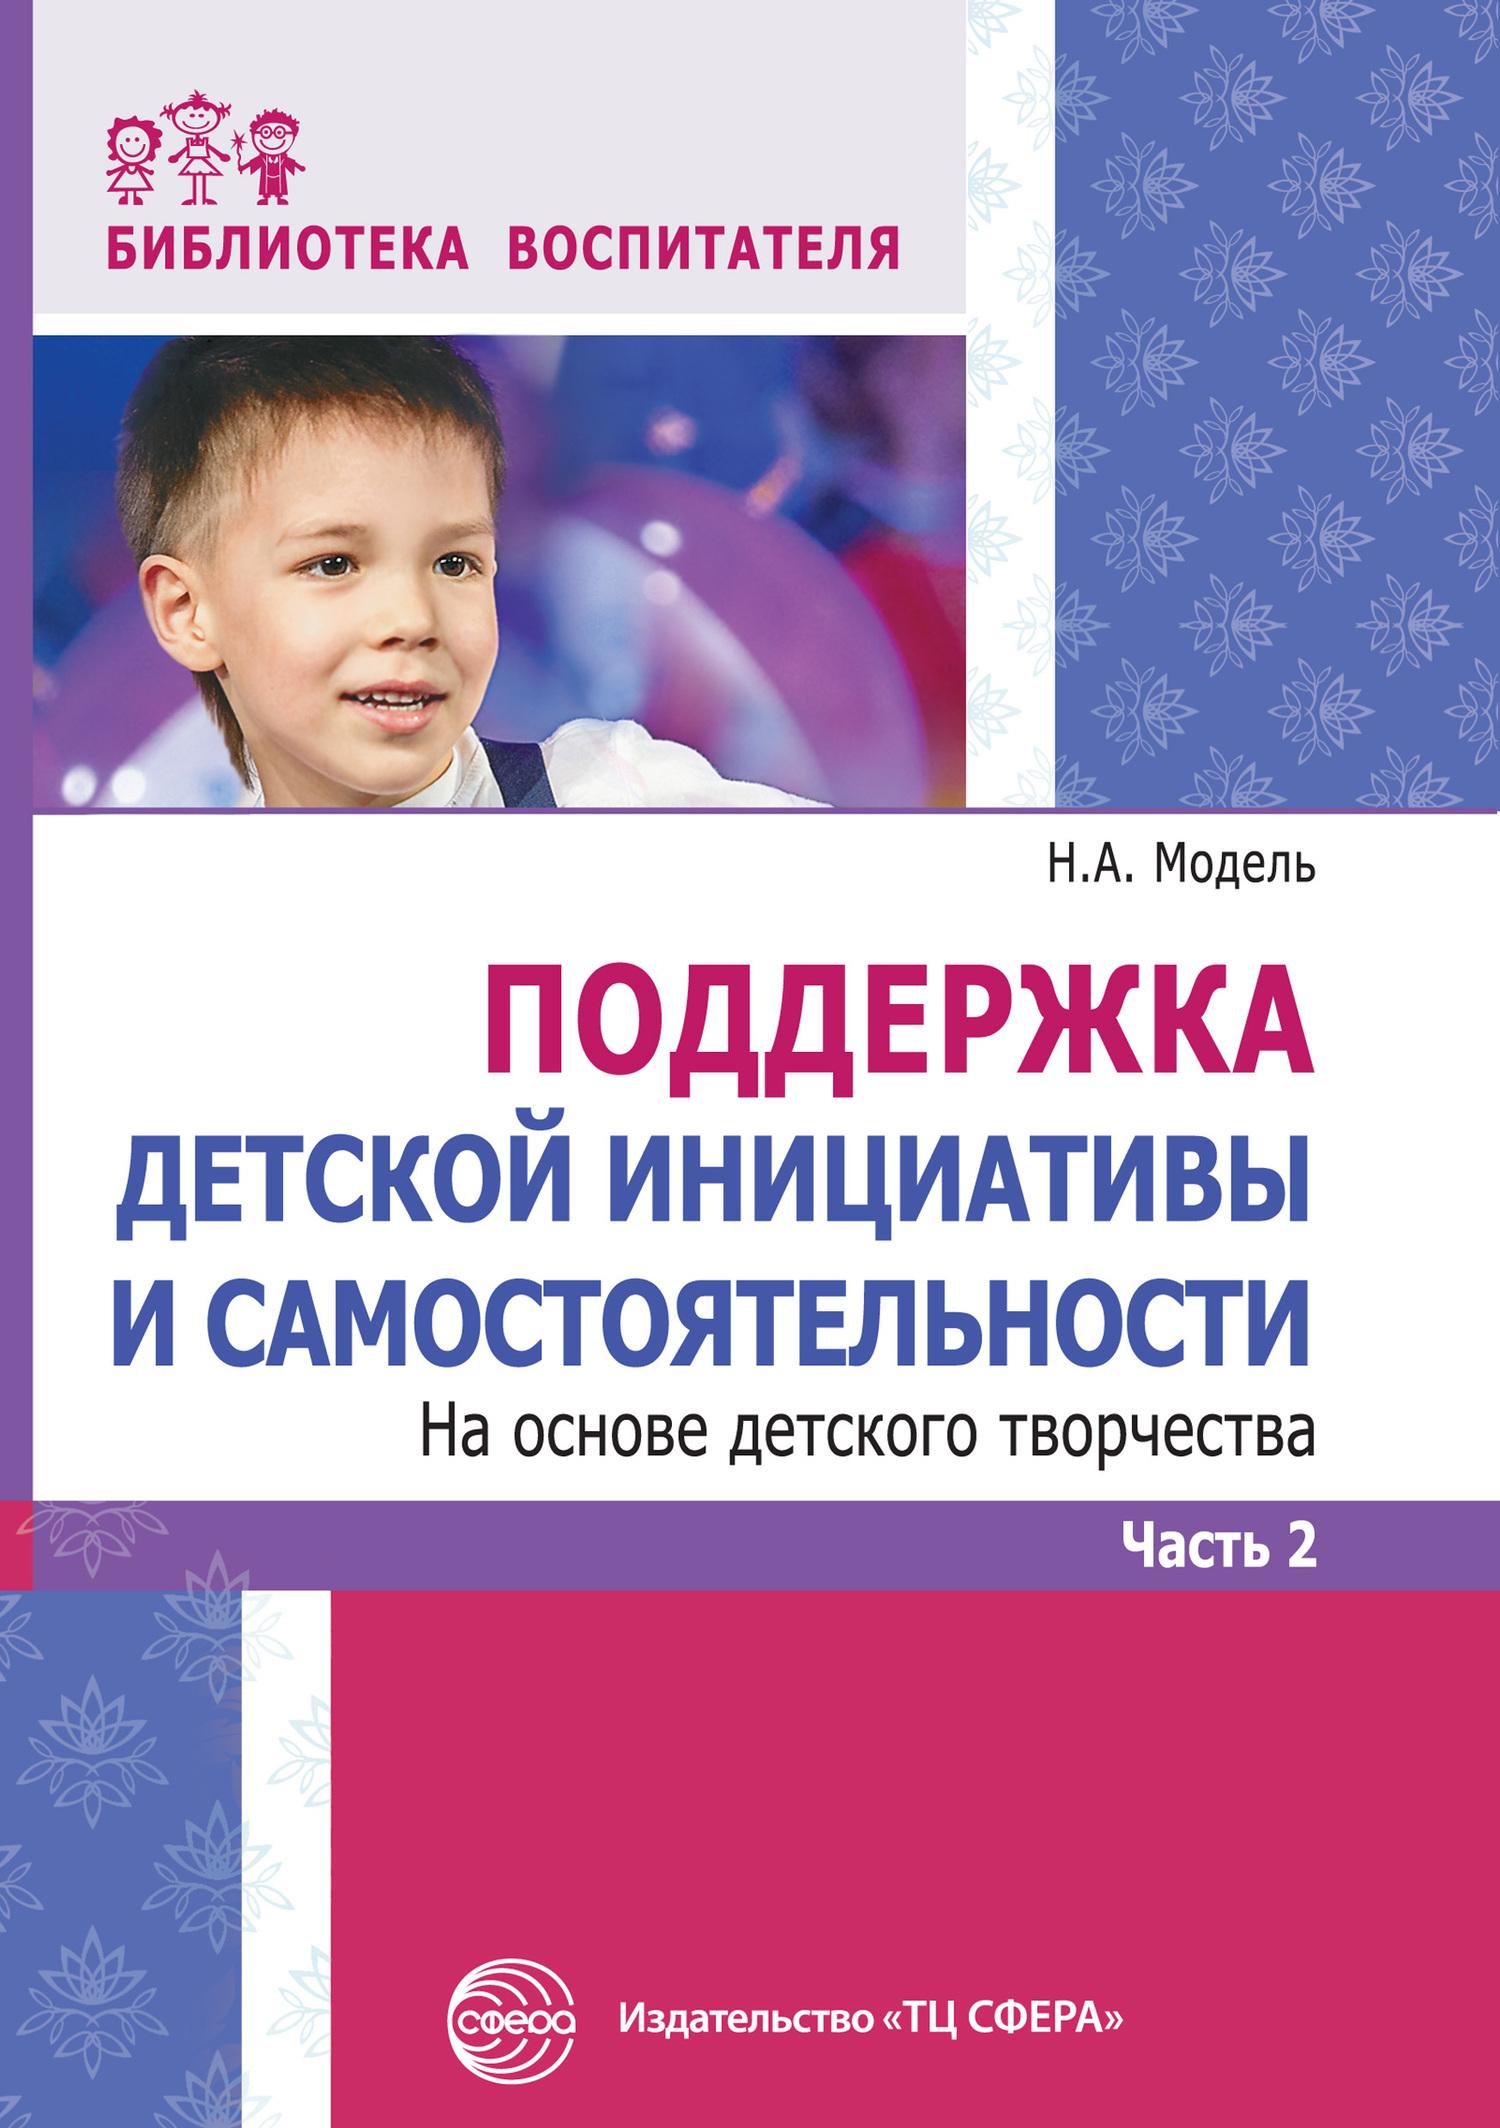 Наталья Модель - Поддержка детской инициативы и самостоятельности на основе детского творчества. Часть 2